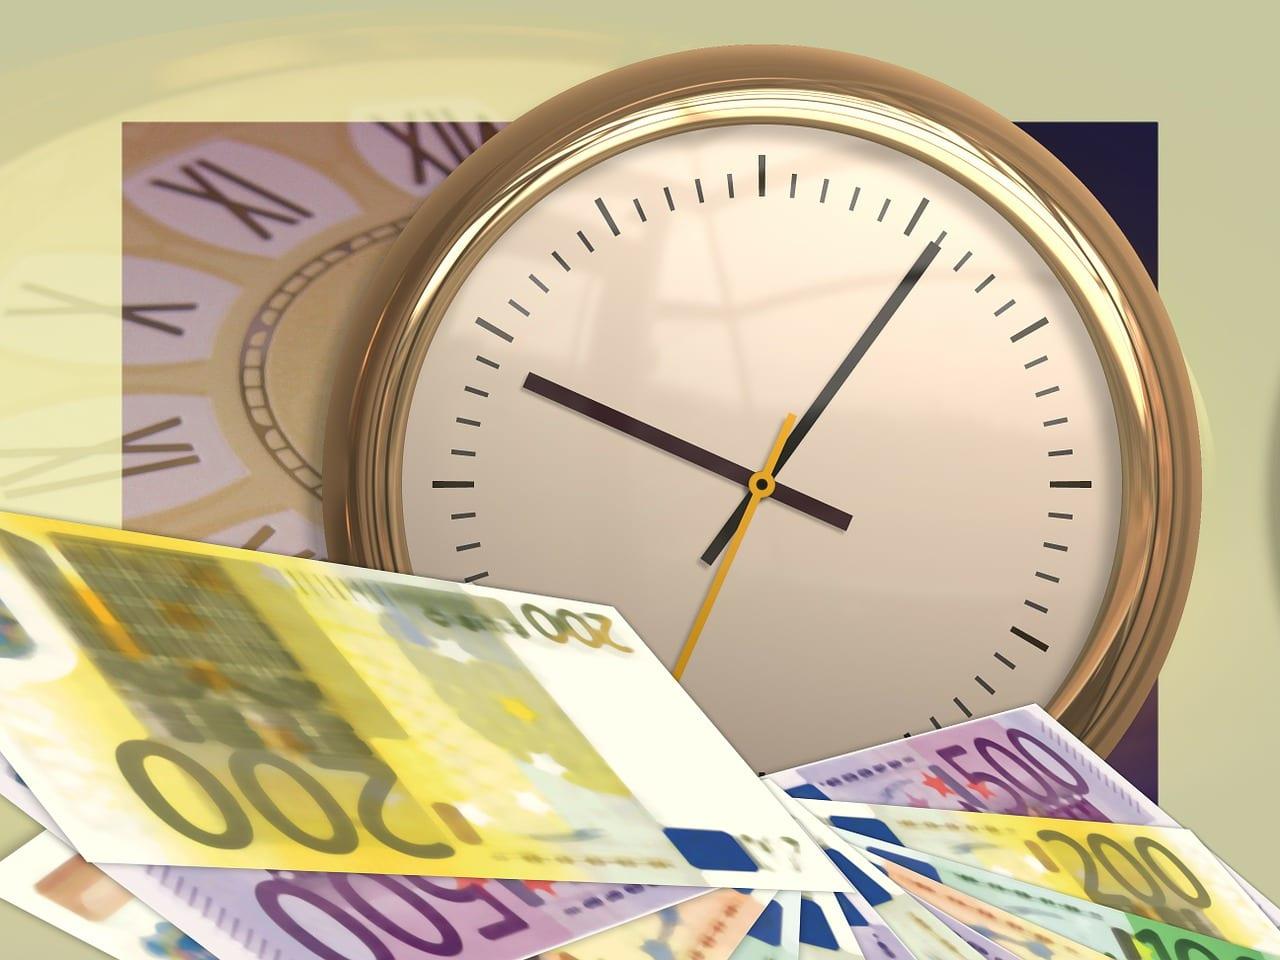 La entrada en bolsa será fundamental para rentabilizar la operación